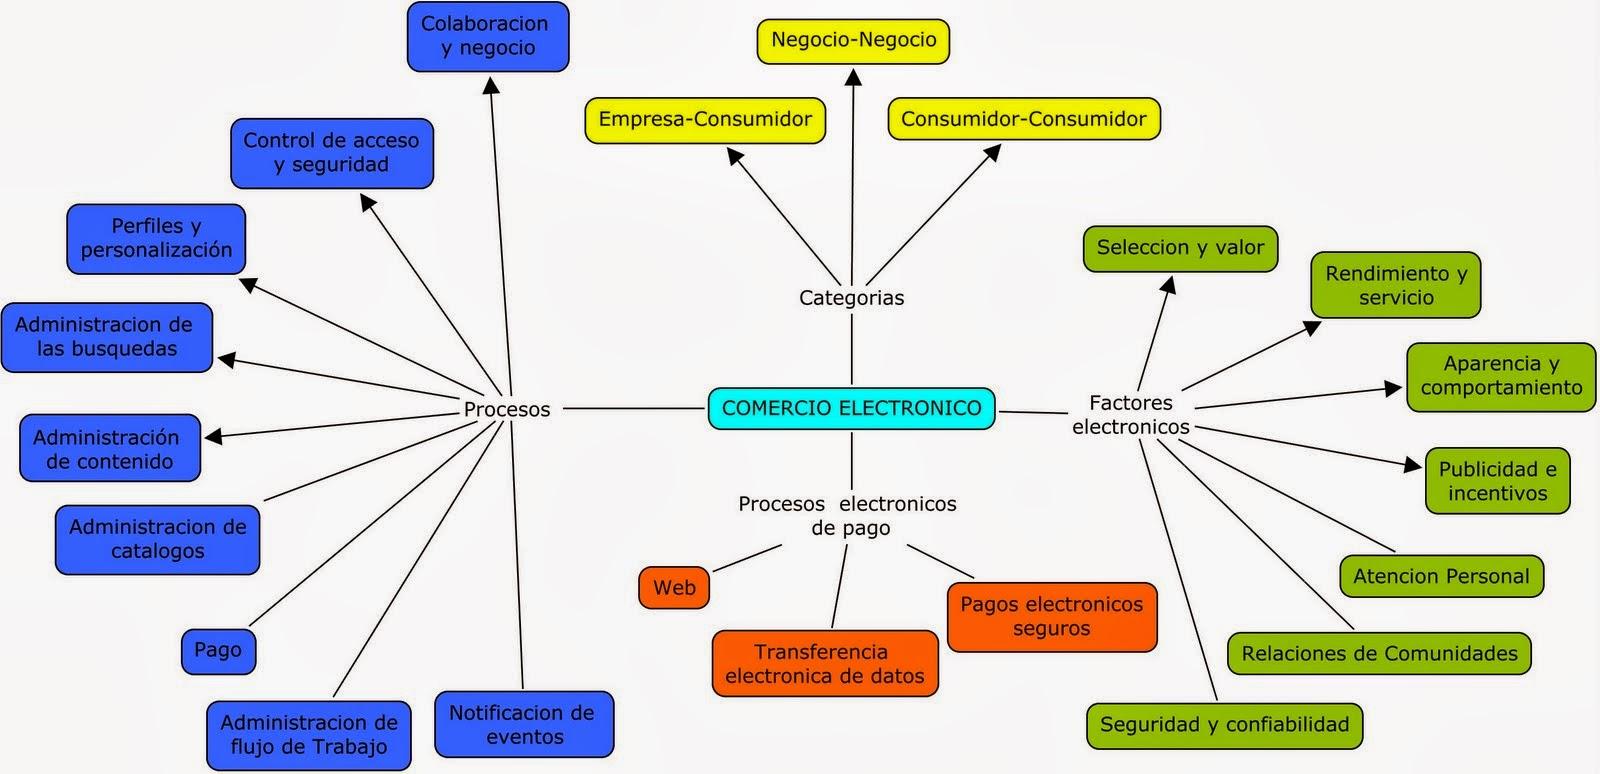 Sistemas de comercio electrónico   Tipos, proveedores y beneficios